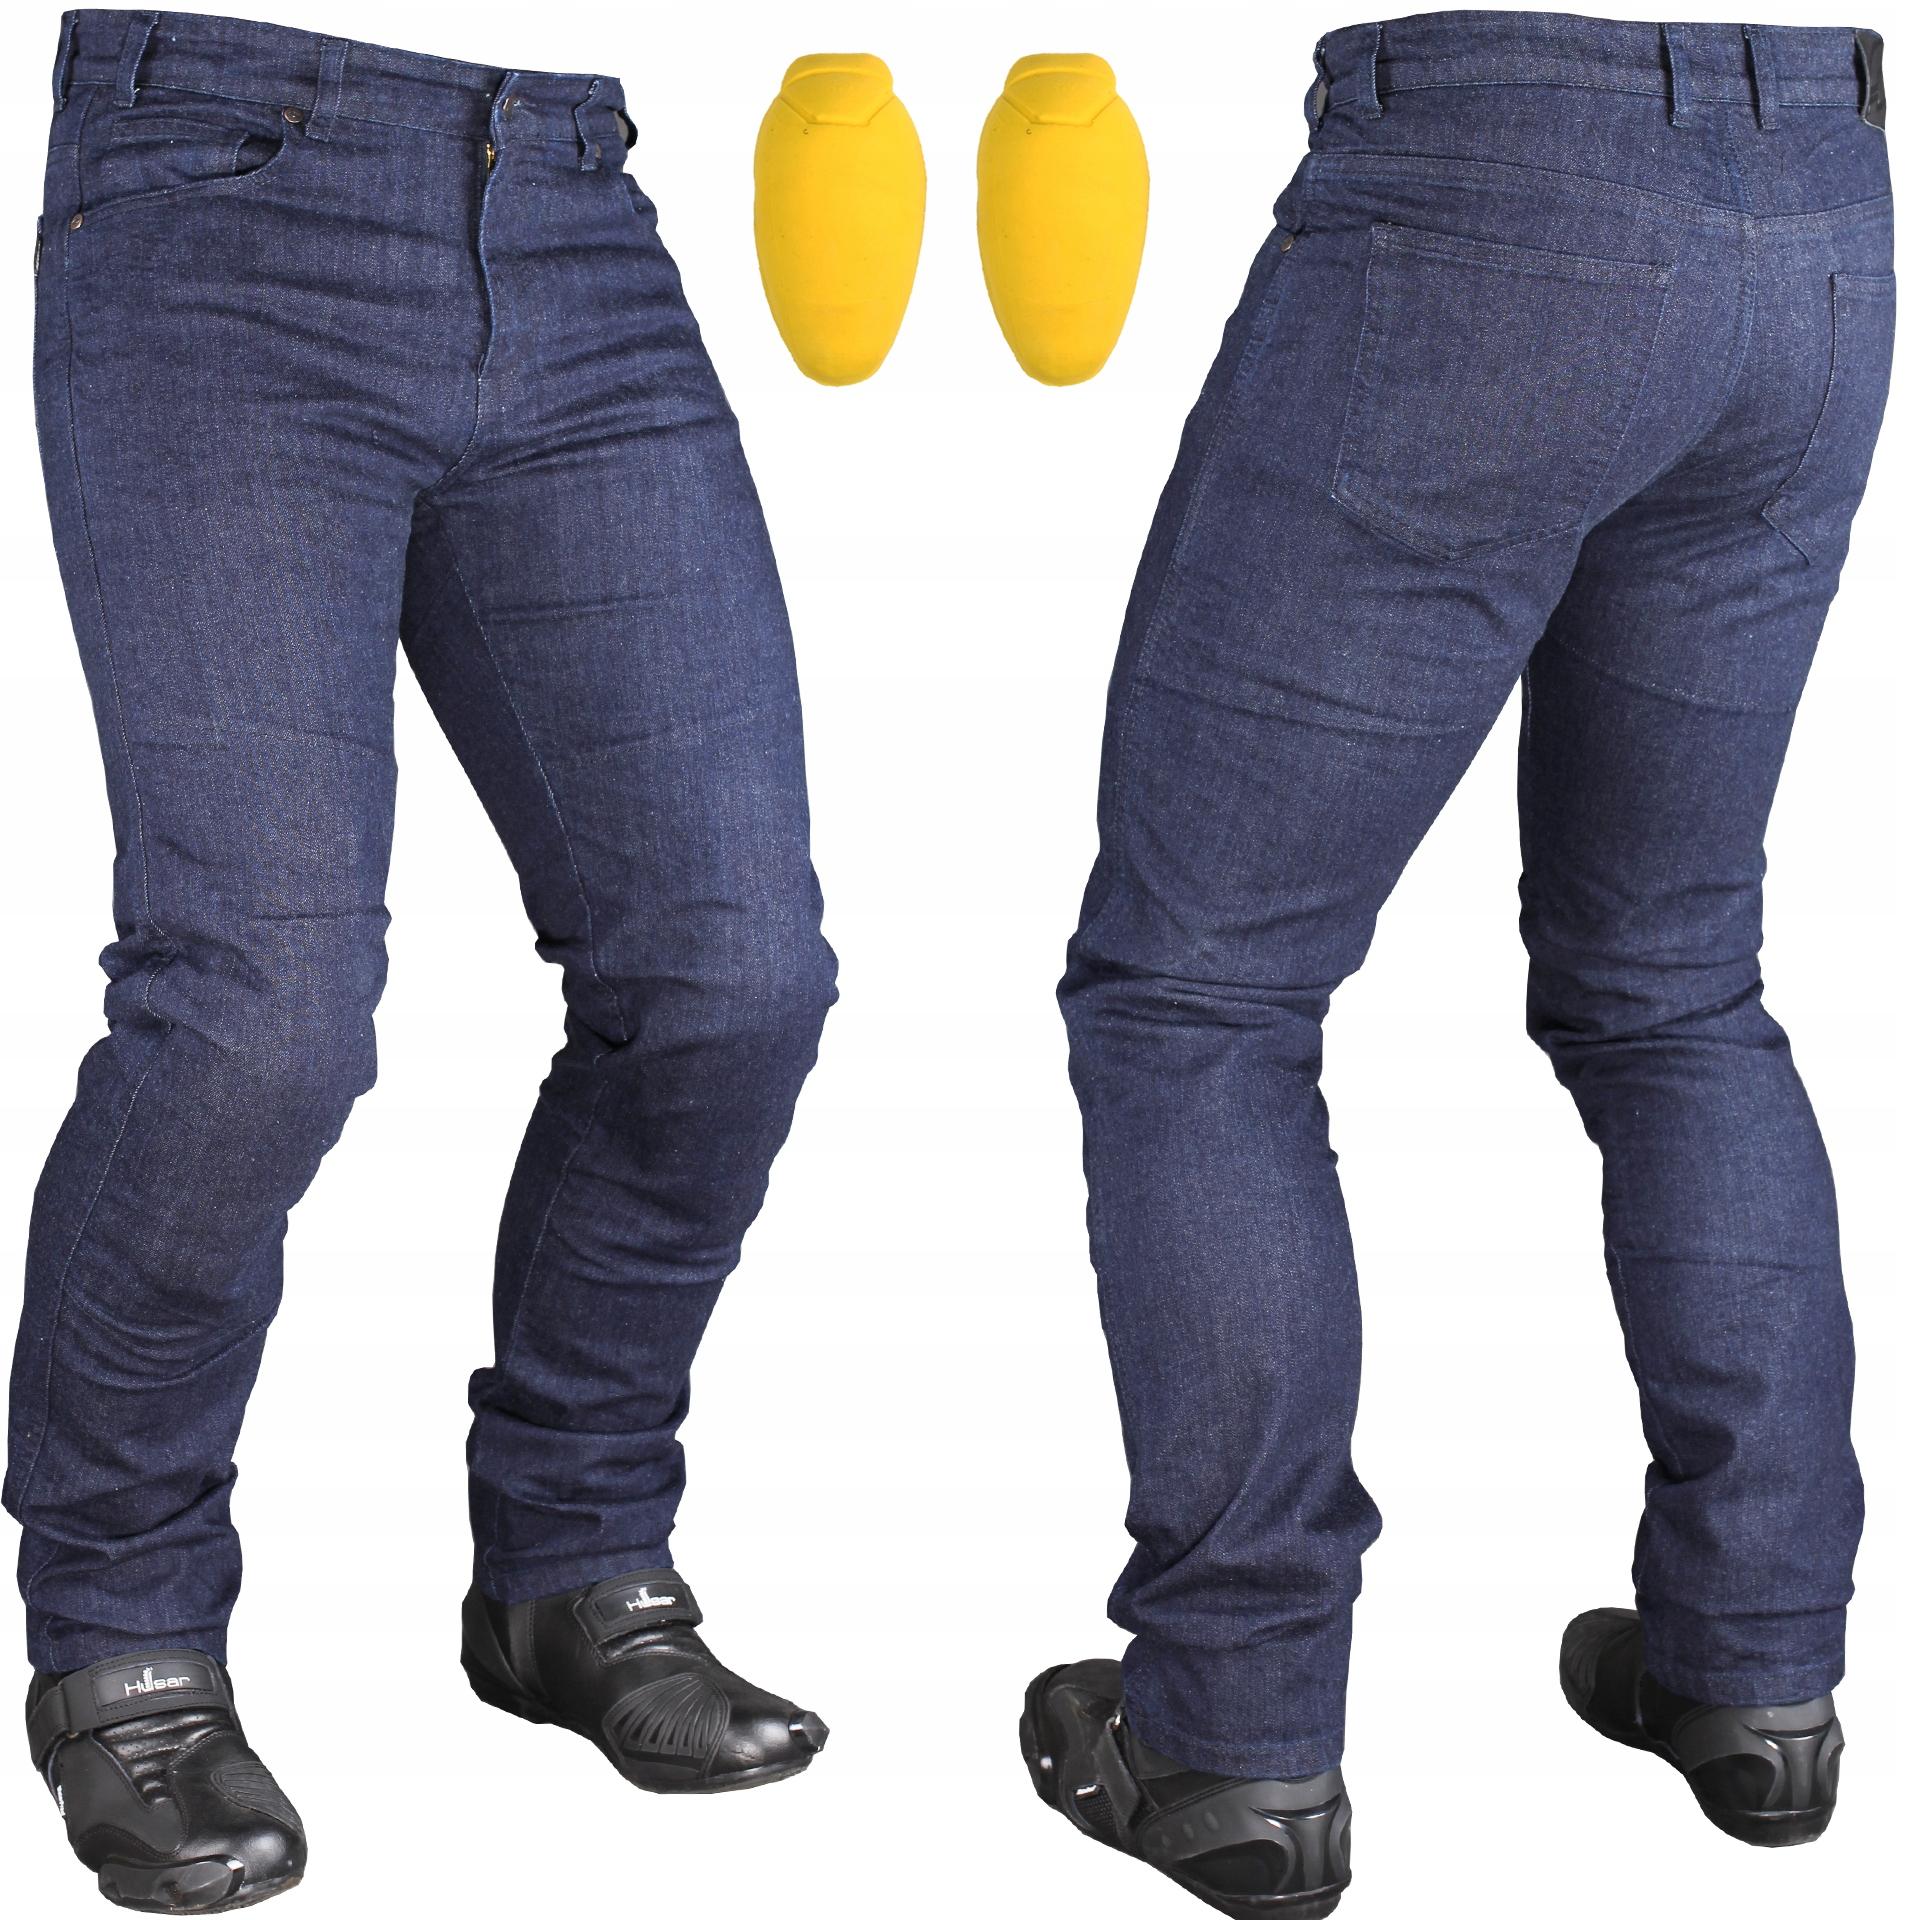 MOTORCYCLE JEANS Кевларовые брюки + протекторы